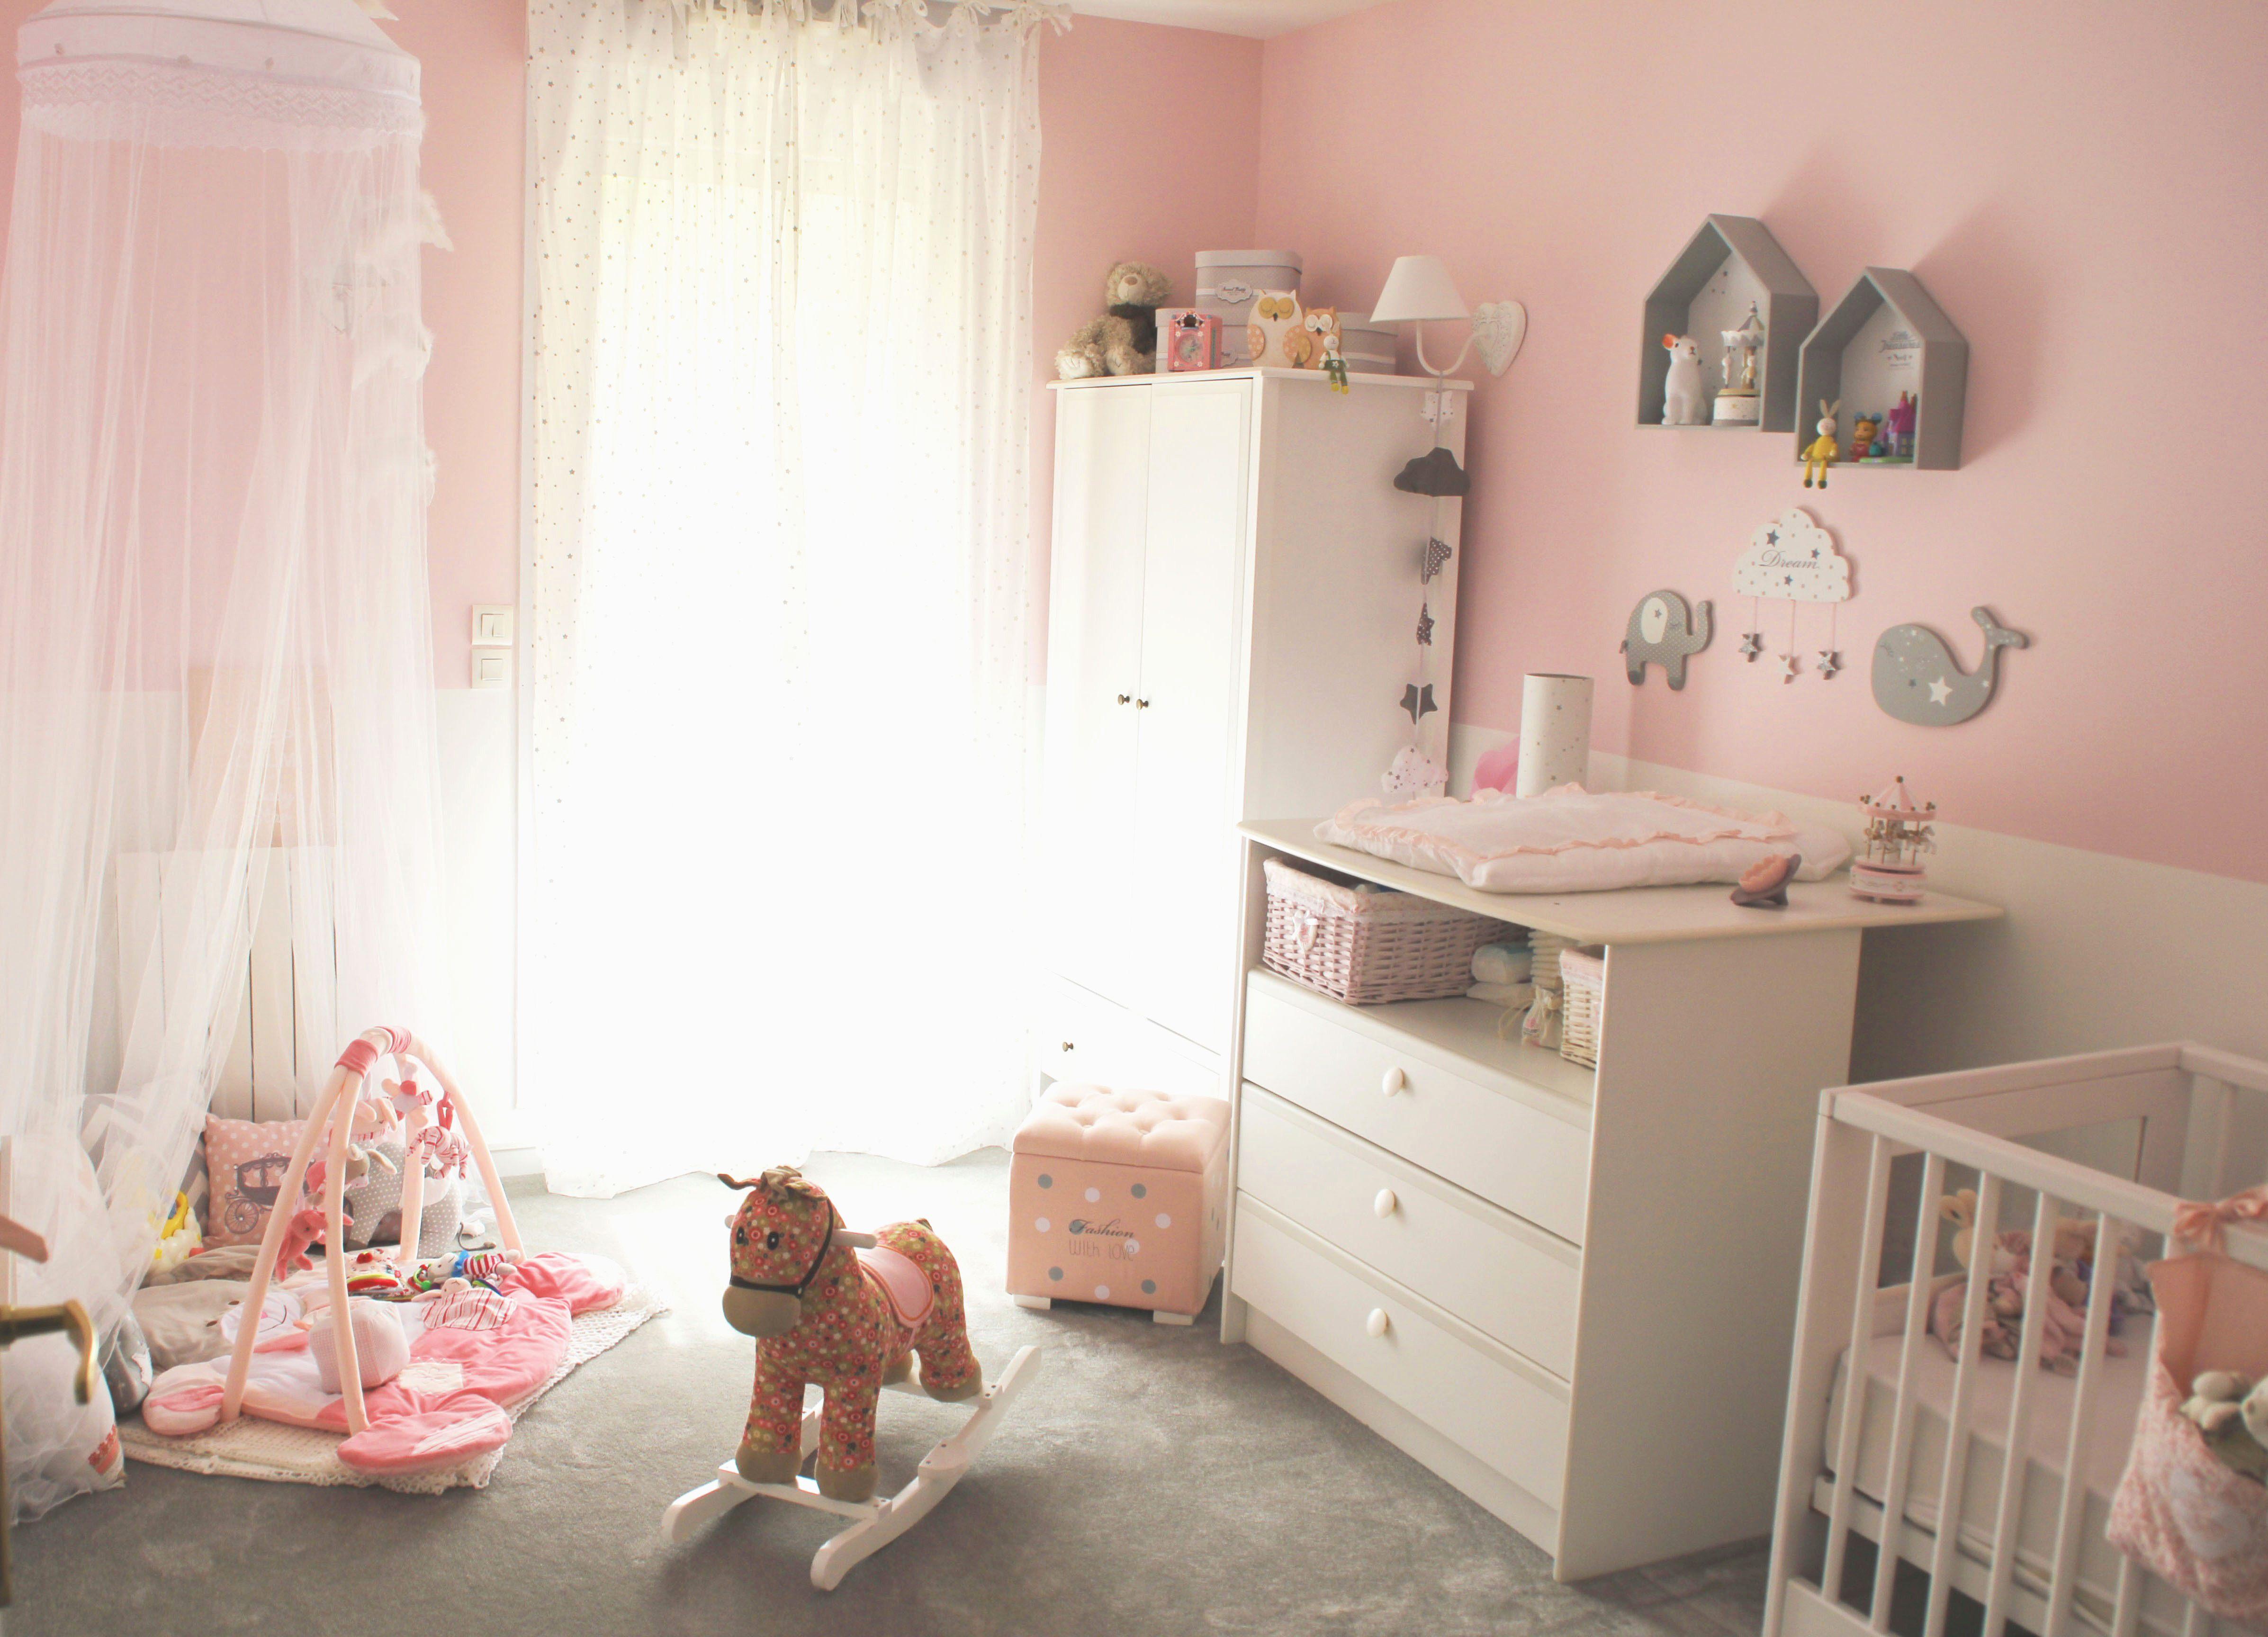 Lit D Enfant Le Luxe Exceptionnel Chambre Design Enfant  Lit Enfant Pin Banquette Lit 0d